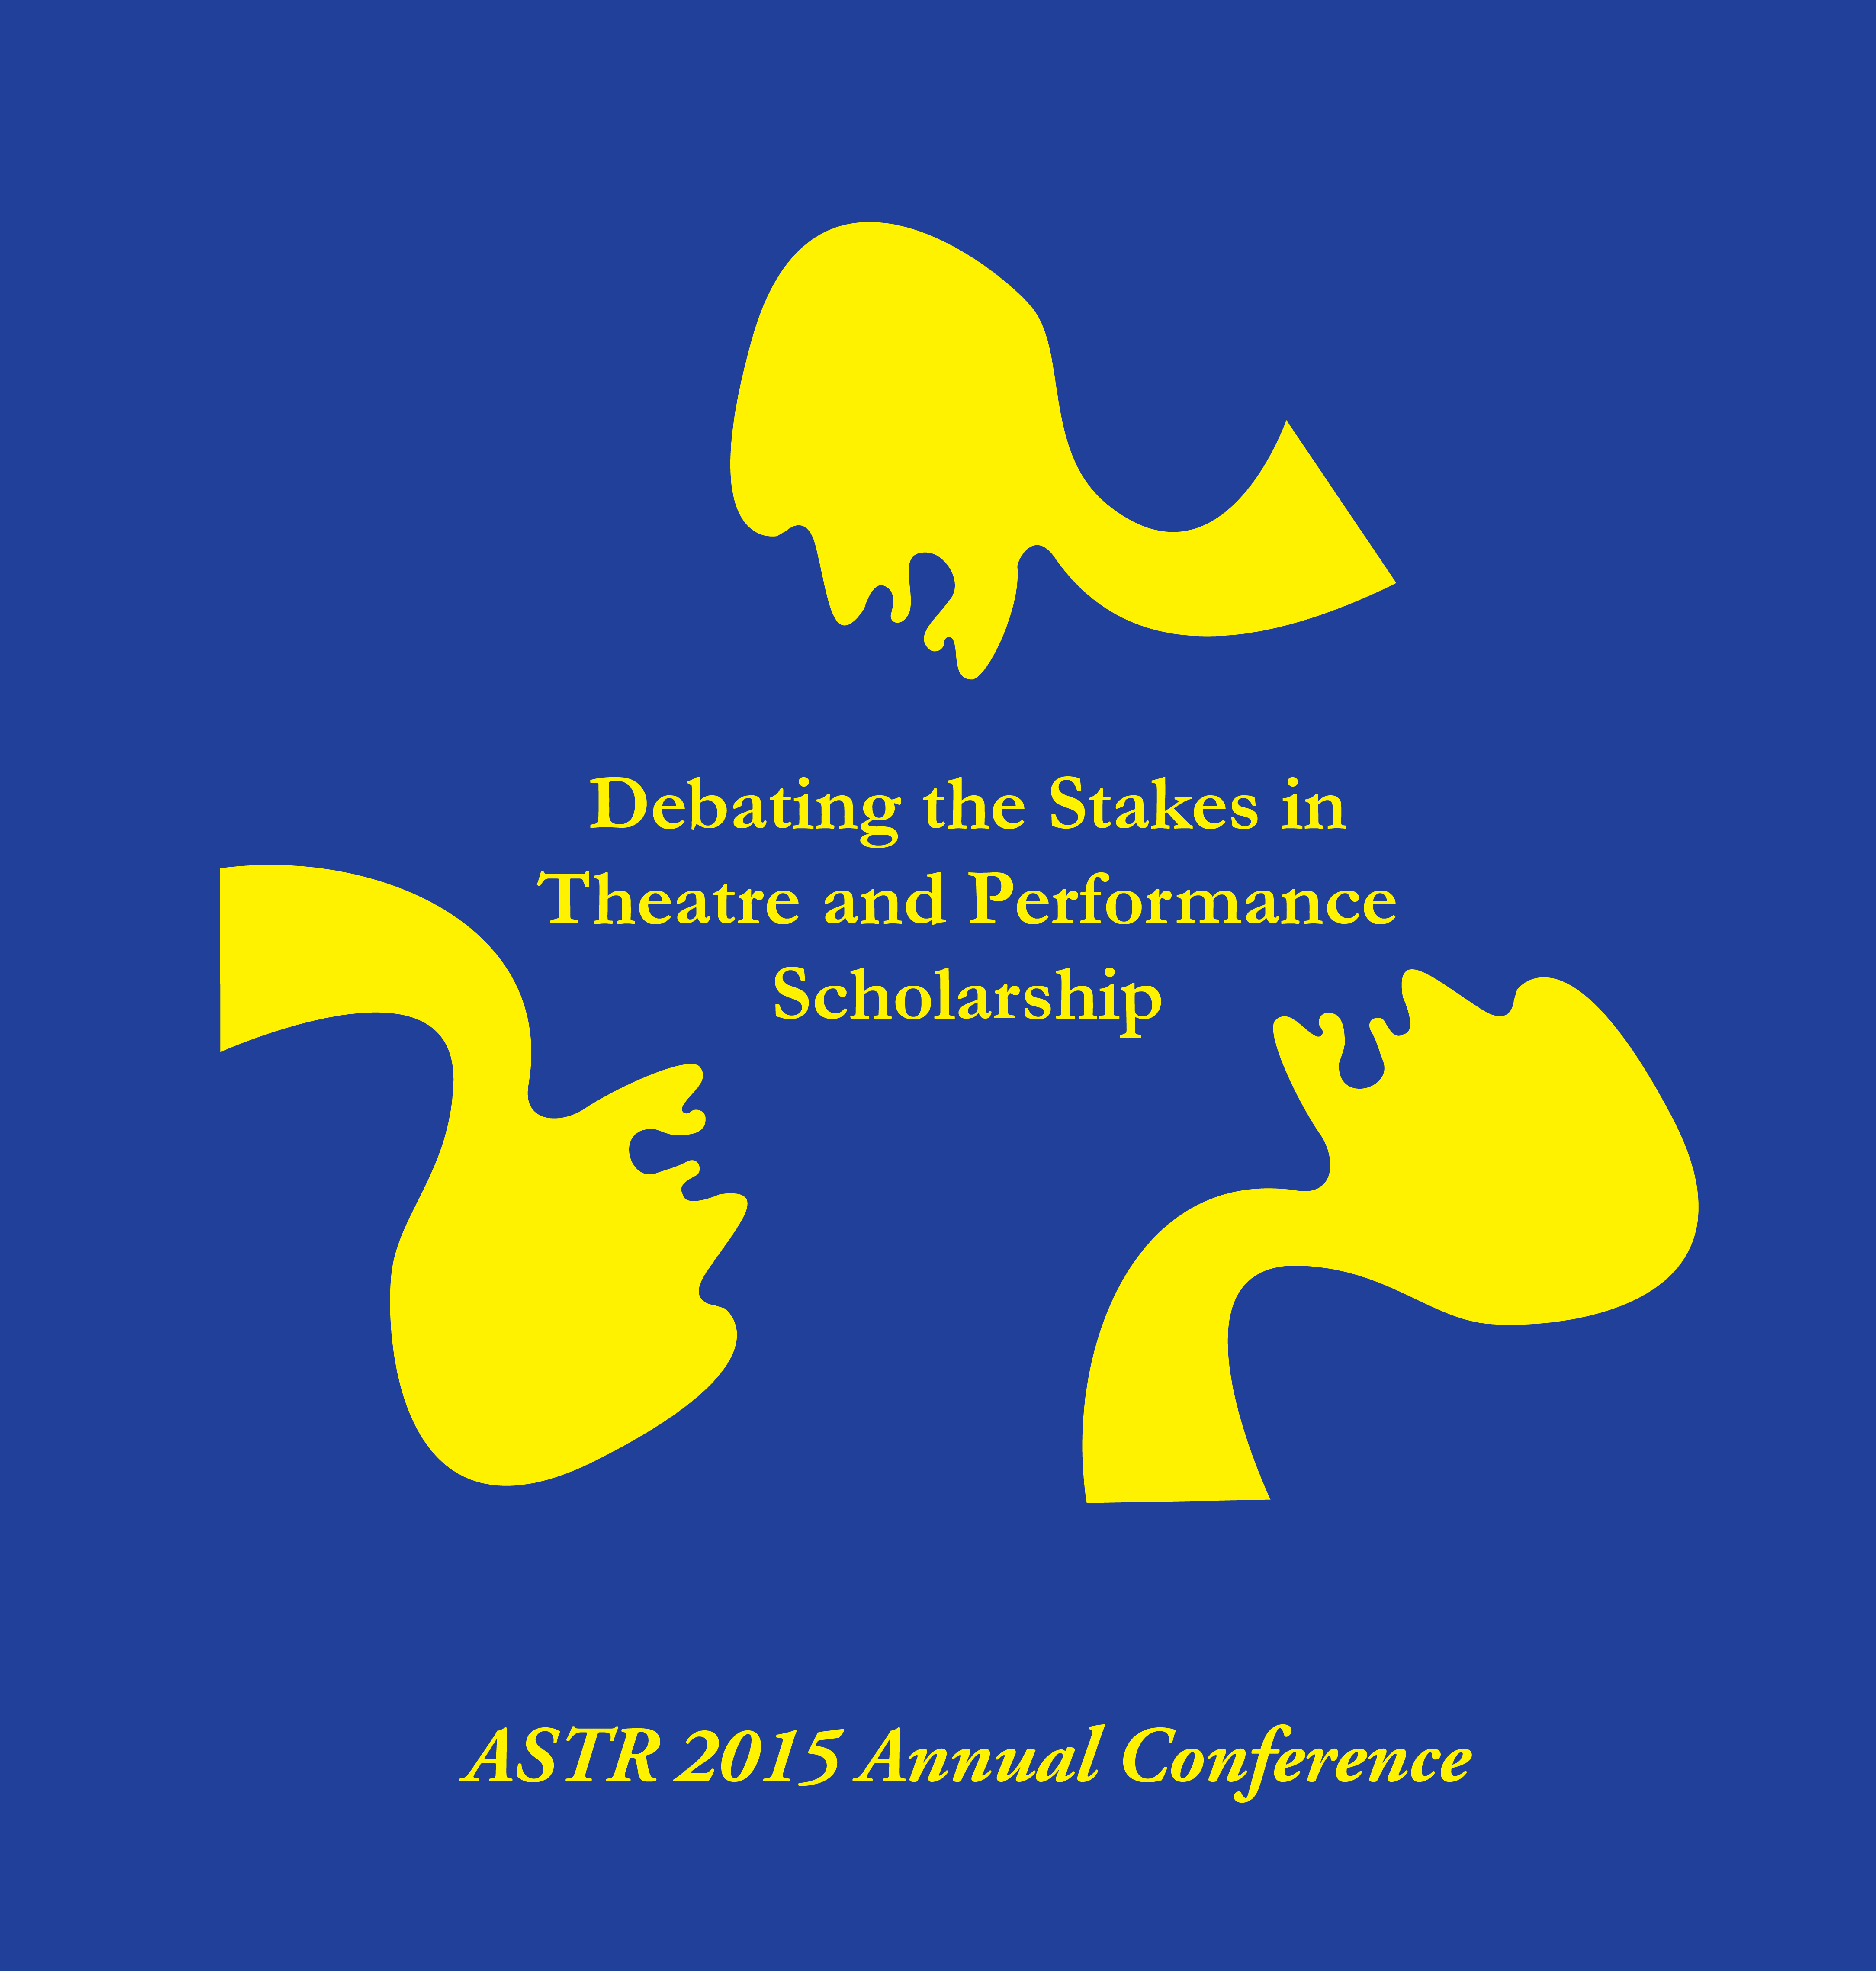 ASTR/TLA 2015 Annual Conference logo